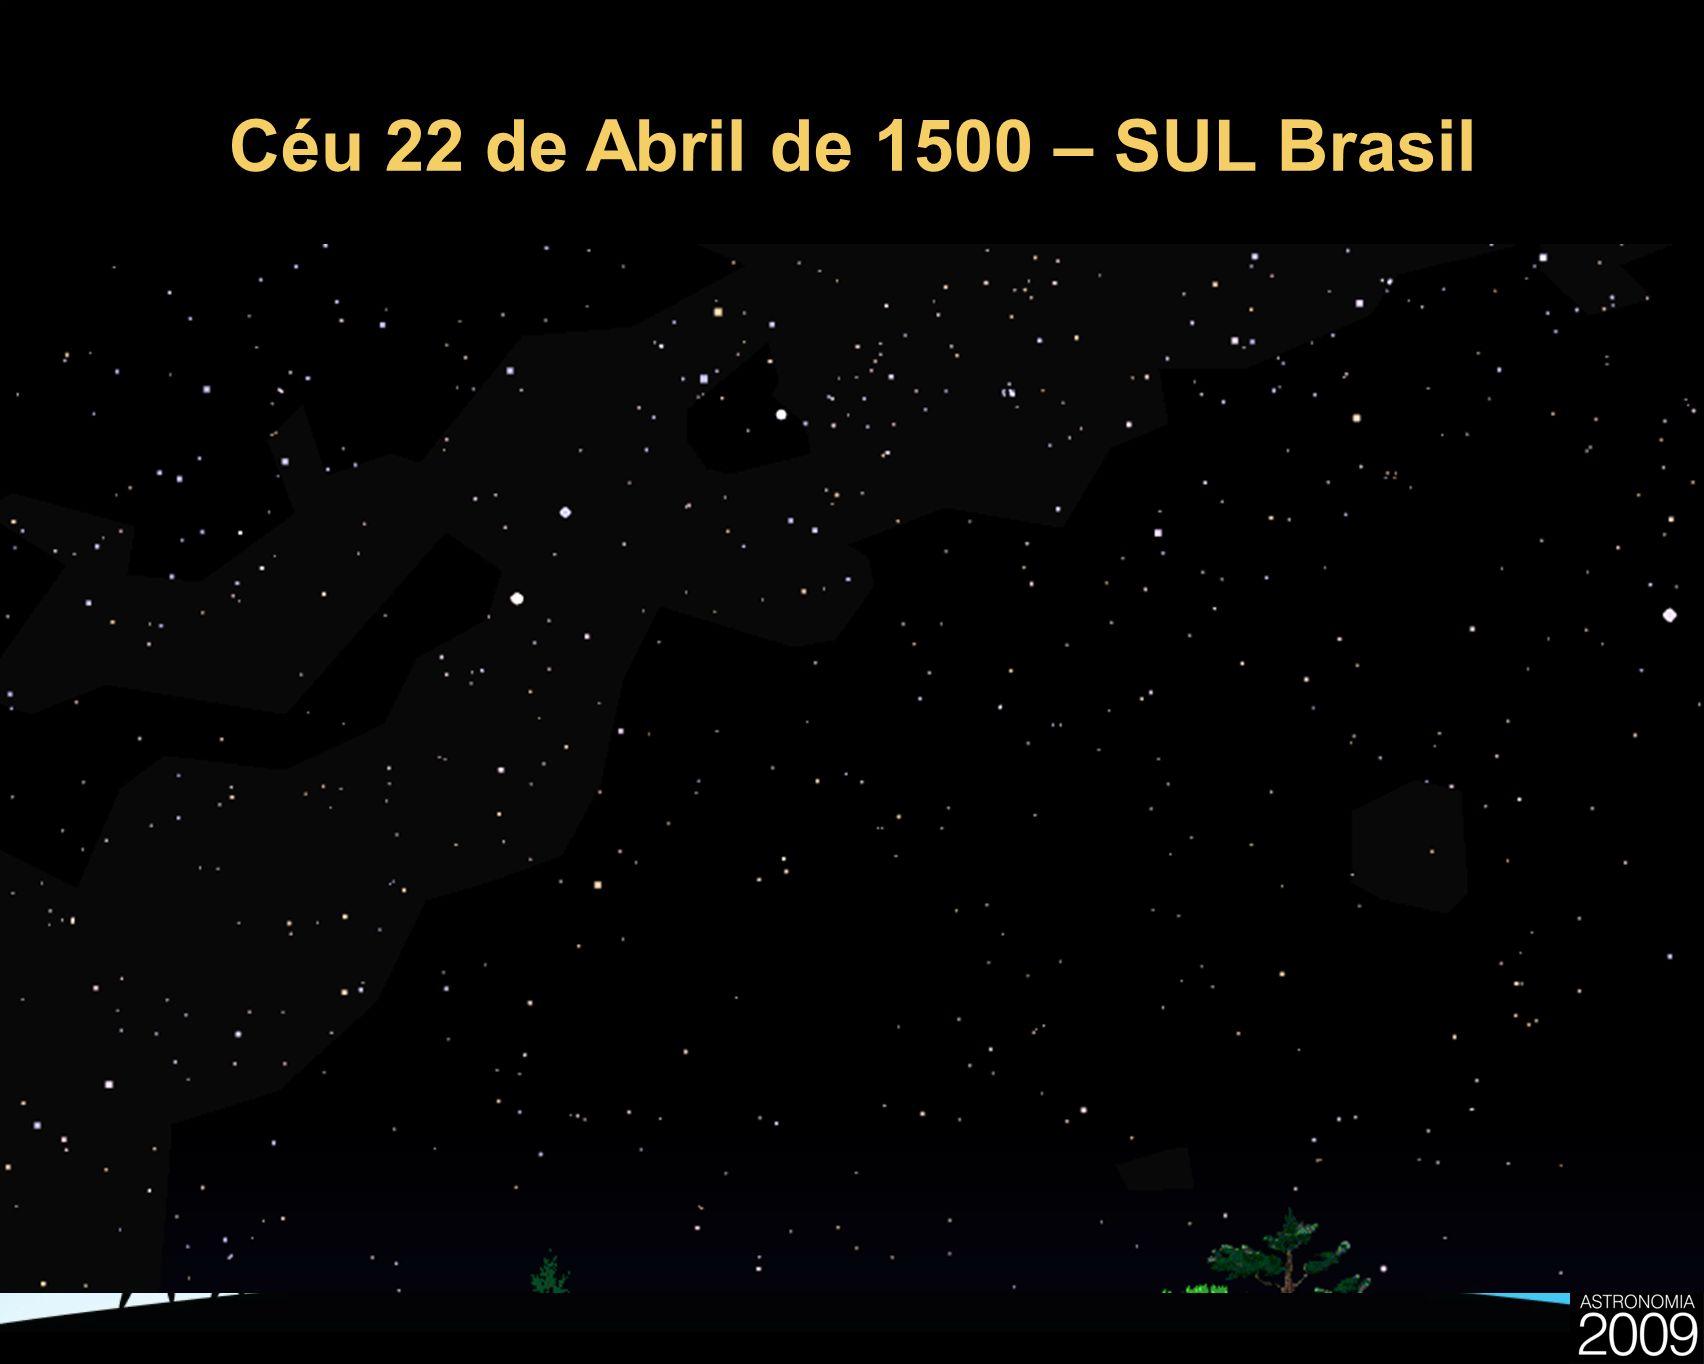 Céu 22 de Abril de 1500 – SUL Brasil